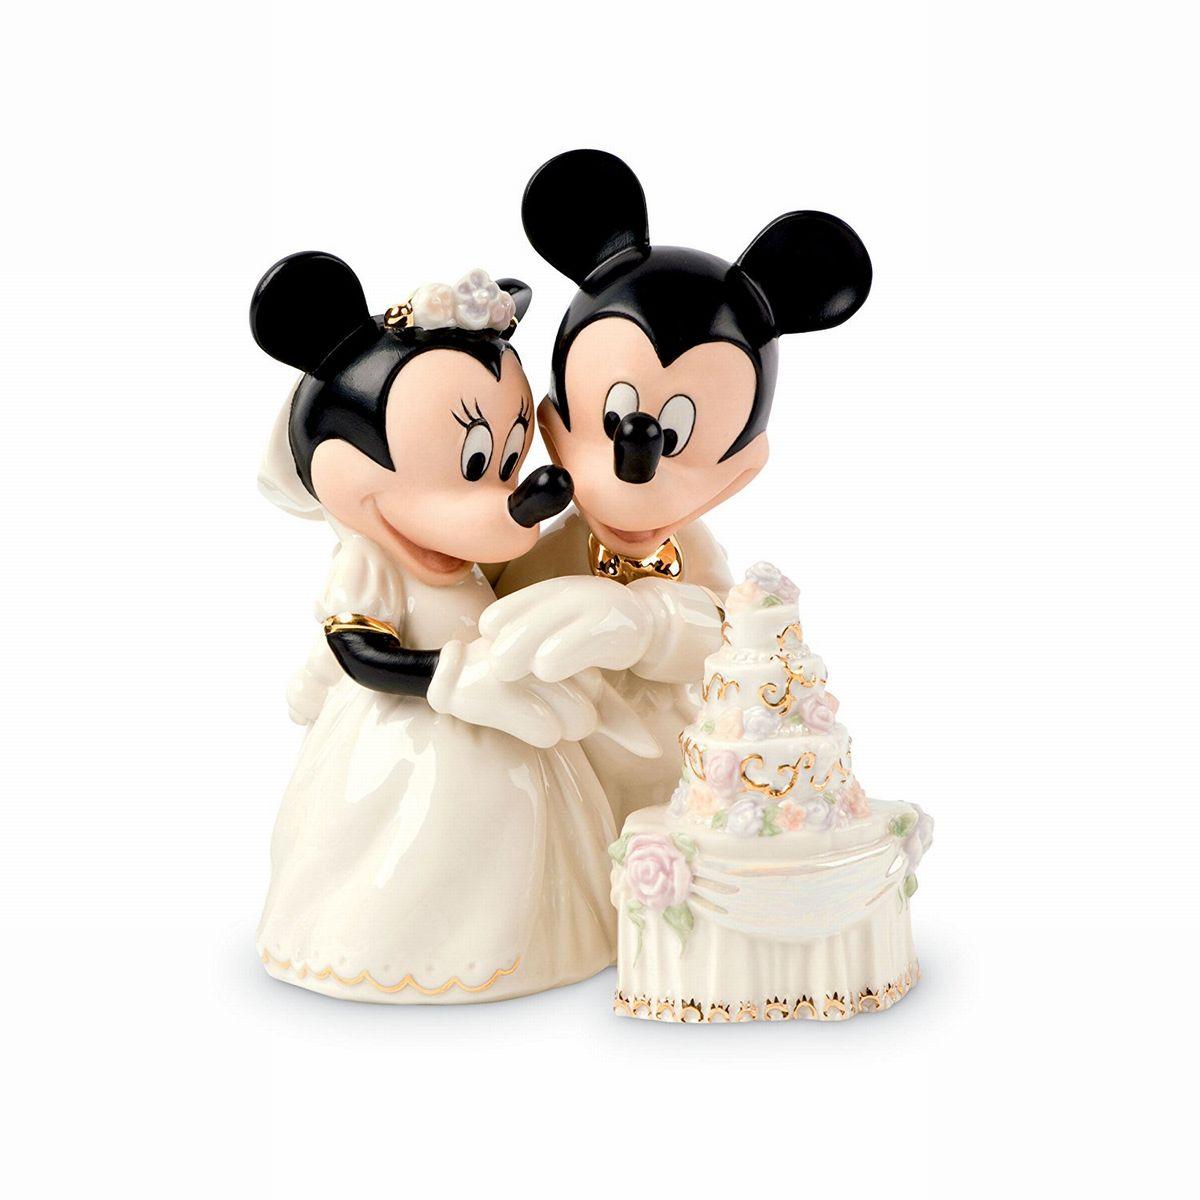 ミッキー ミニー 結婚式 フィギュア ケーキ入刀 ディズニー 人形 彫刻 LENOX レノックス 置物 陶器 インテリア 24金